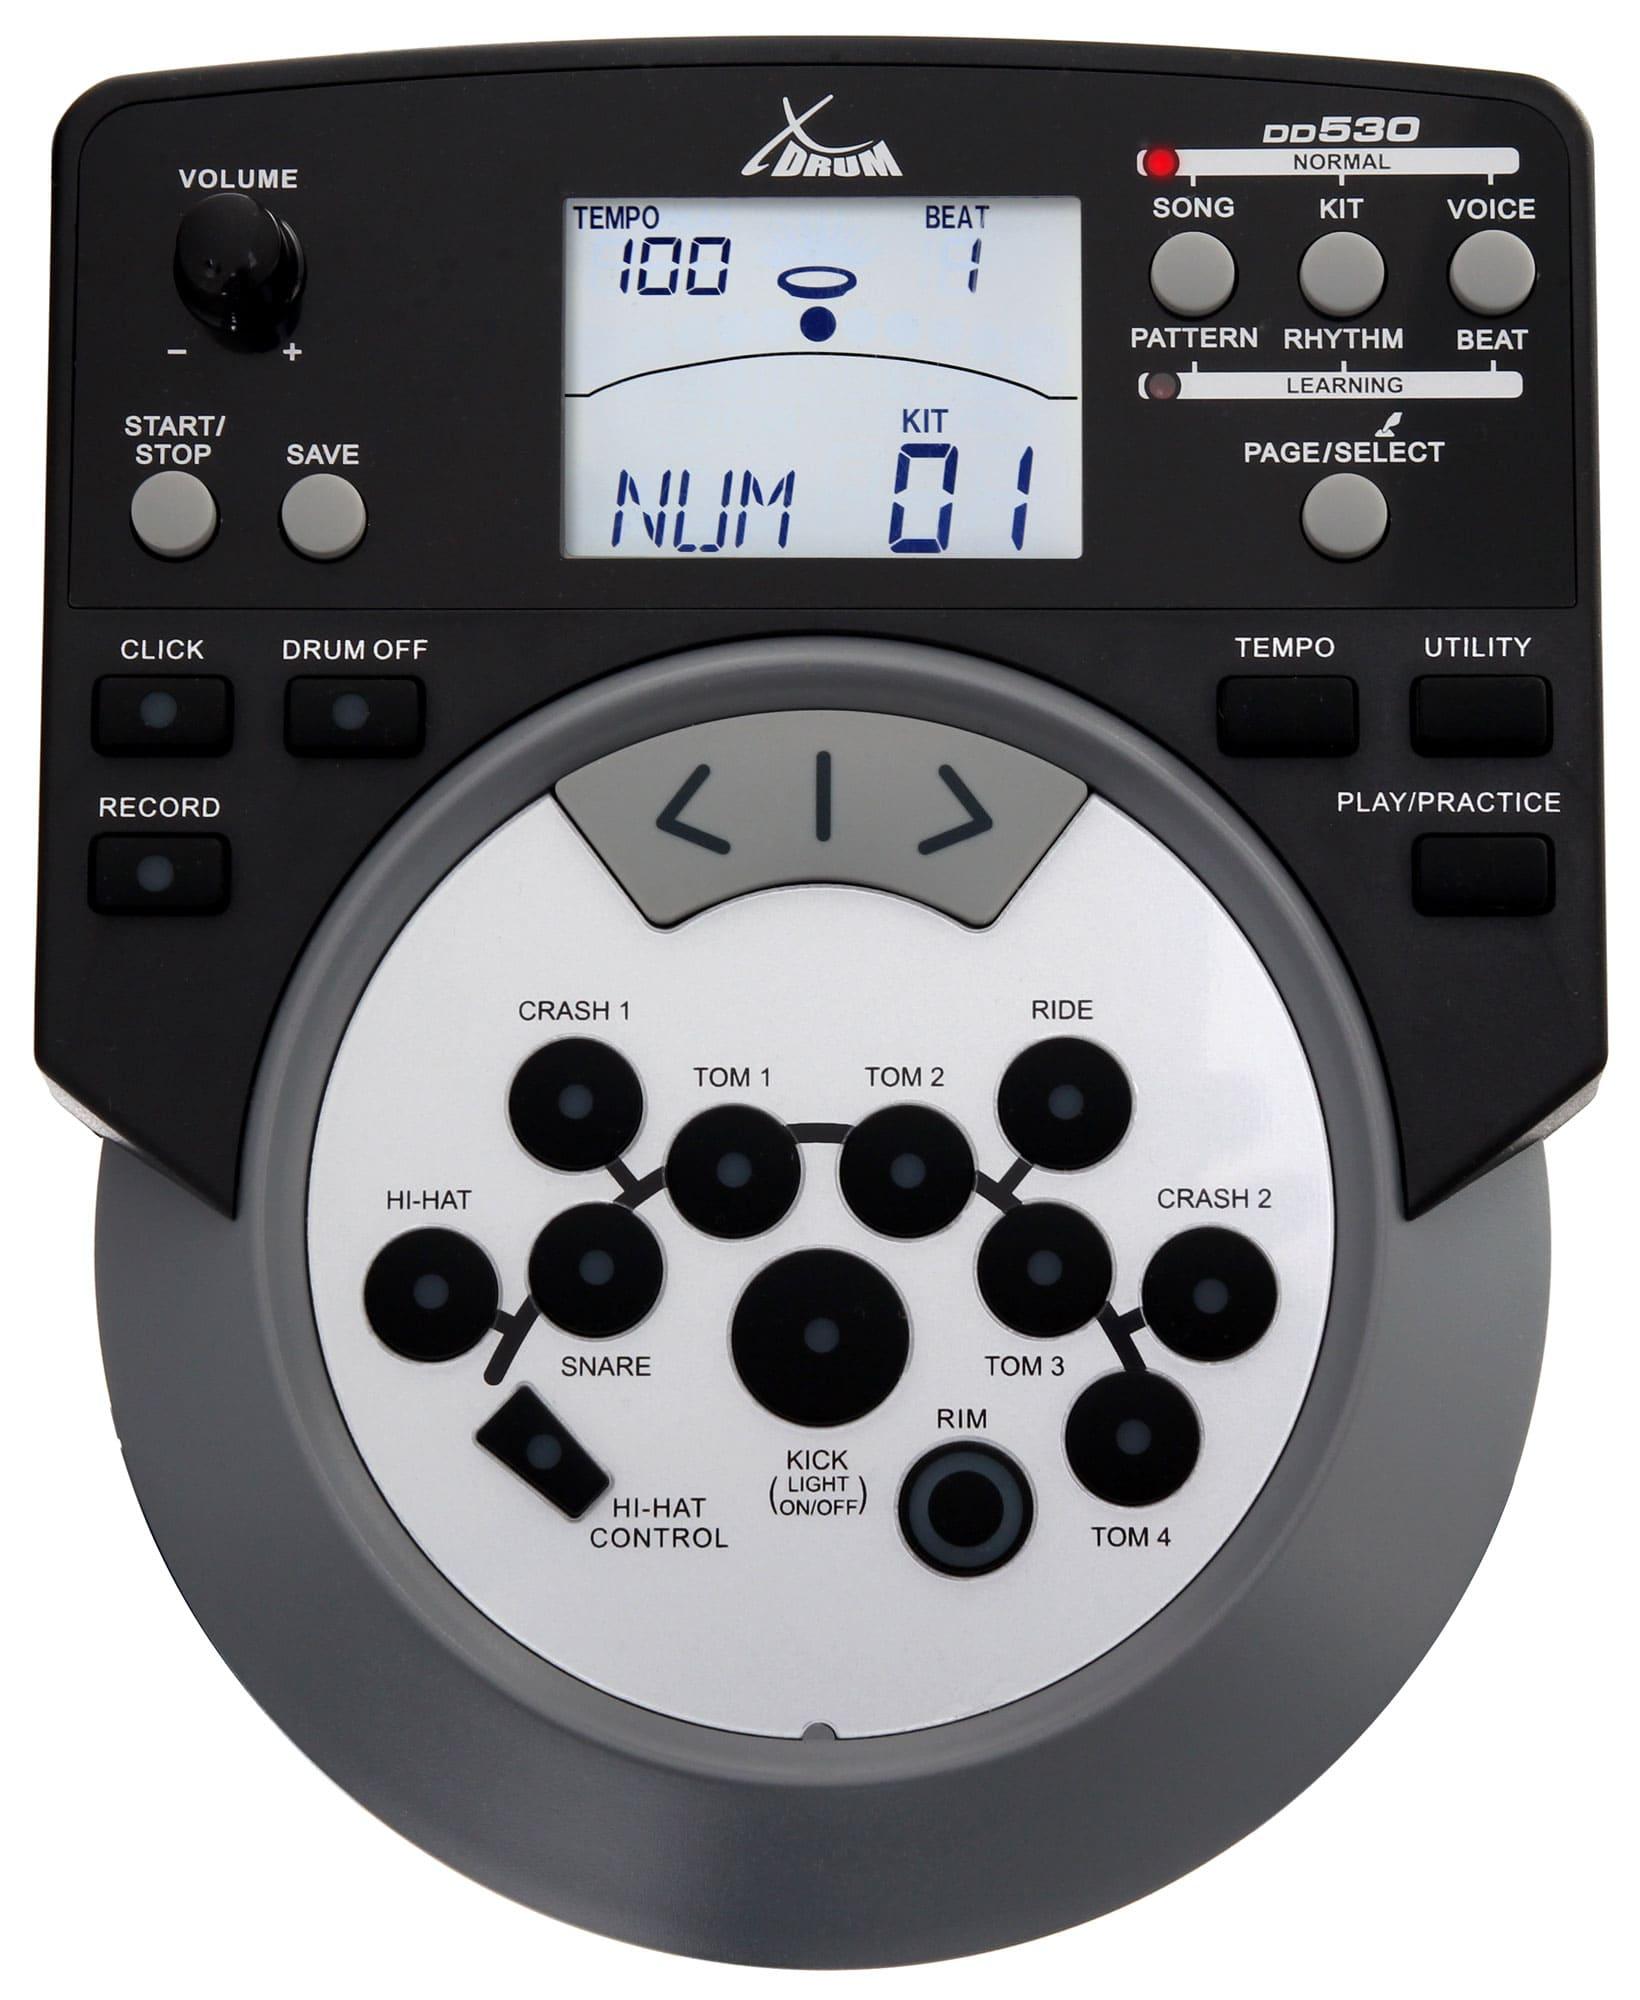 ... XDrum DD-530 batteria elettronica pelli mesh Set con sgabello e cuffie  - Icon 4 ... df8e3b198a49